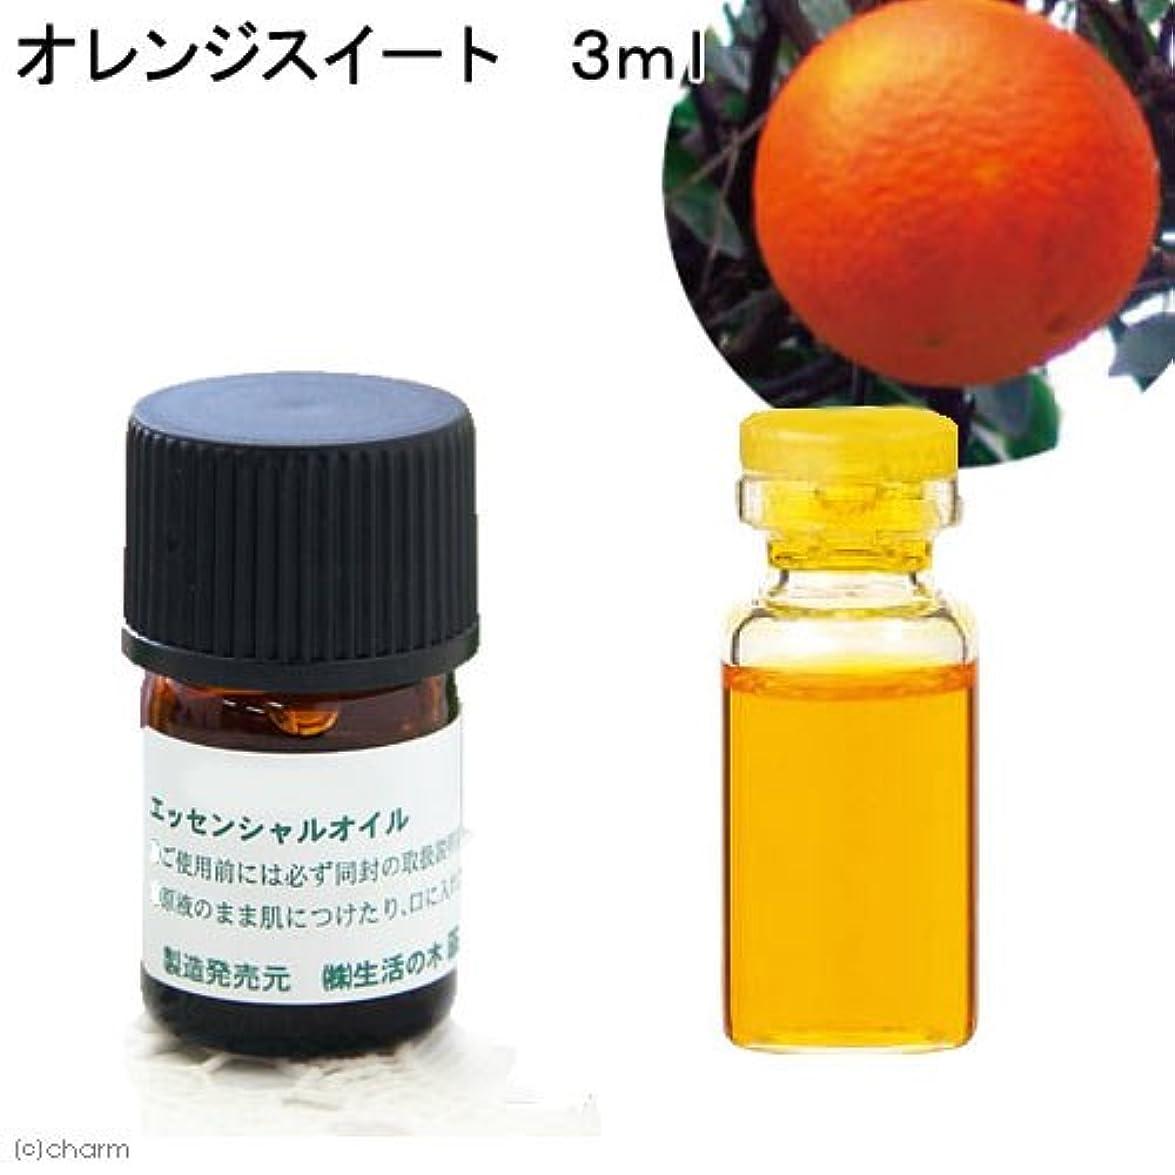 是正する系統的獲物生活の木 オレンジスイート 3ml